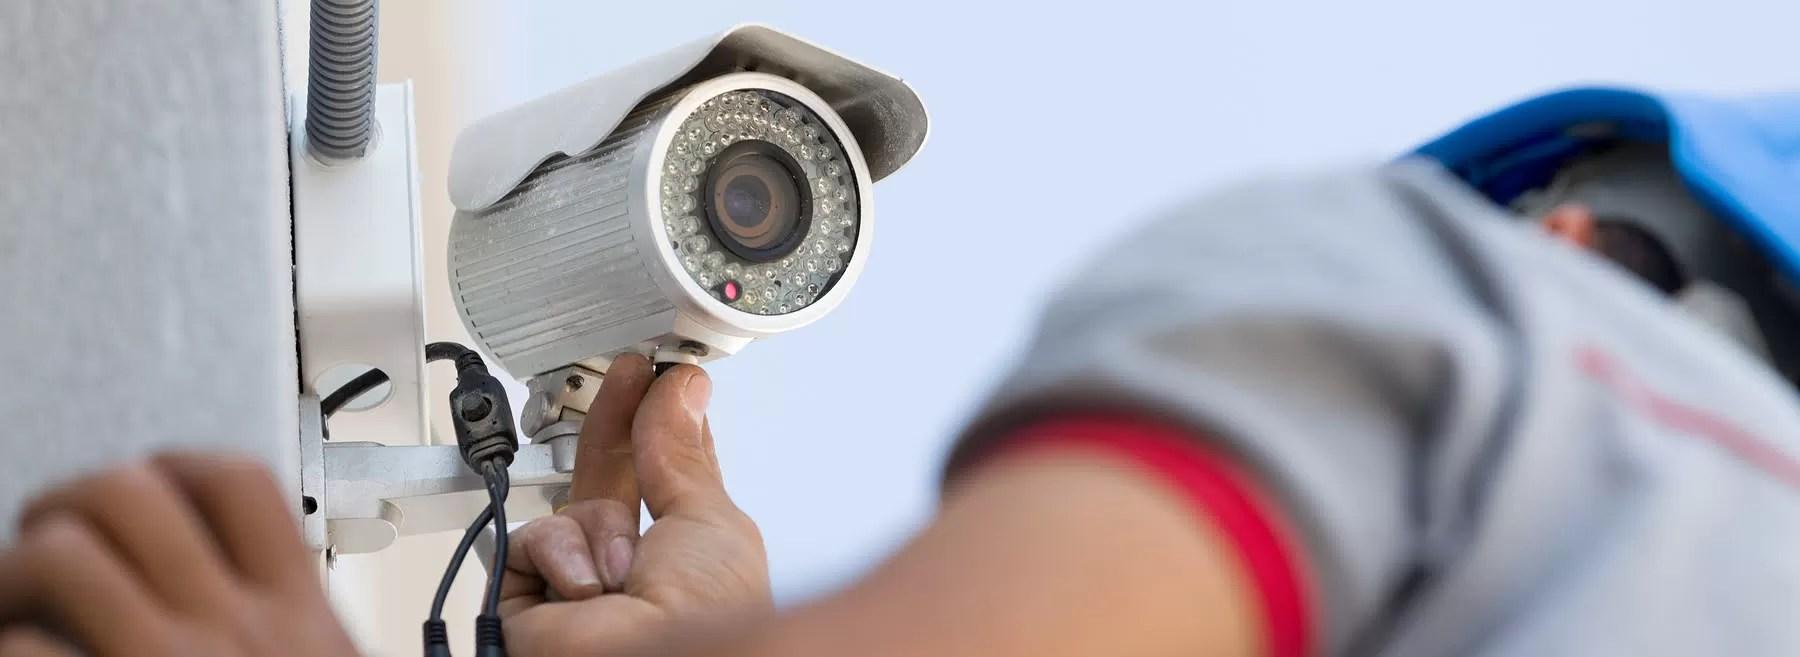 The Regular Checks And Maintenance Of Security Cameras